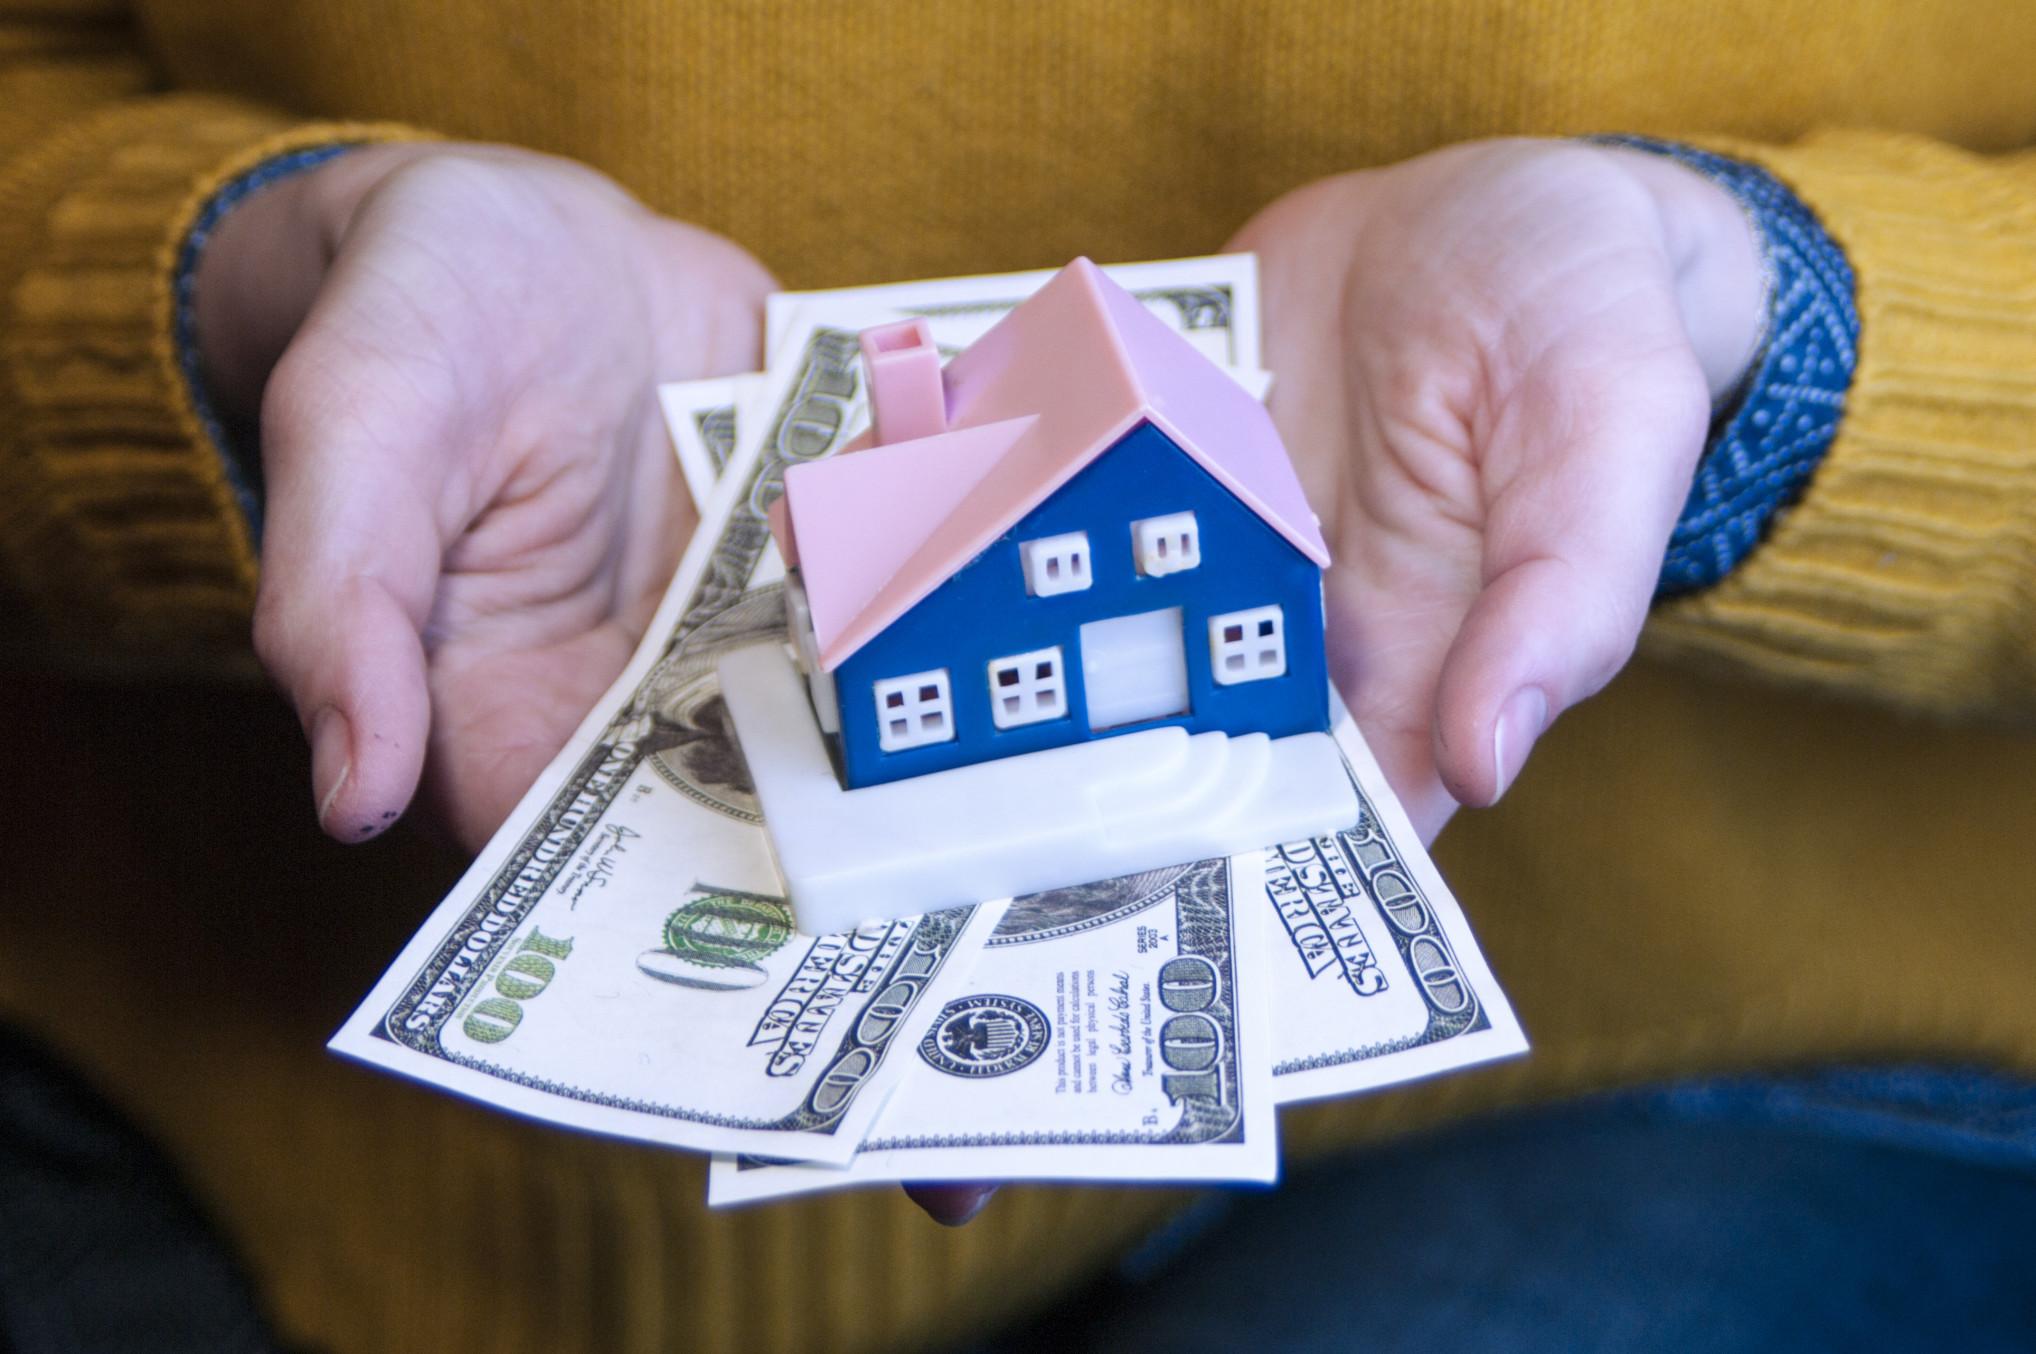 Acheter un bien immobilier rapidement, c'est possible ?